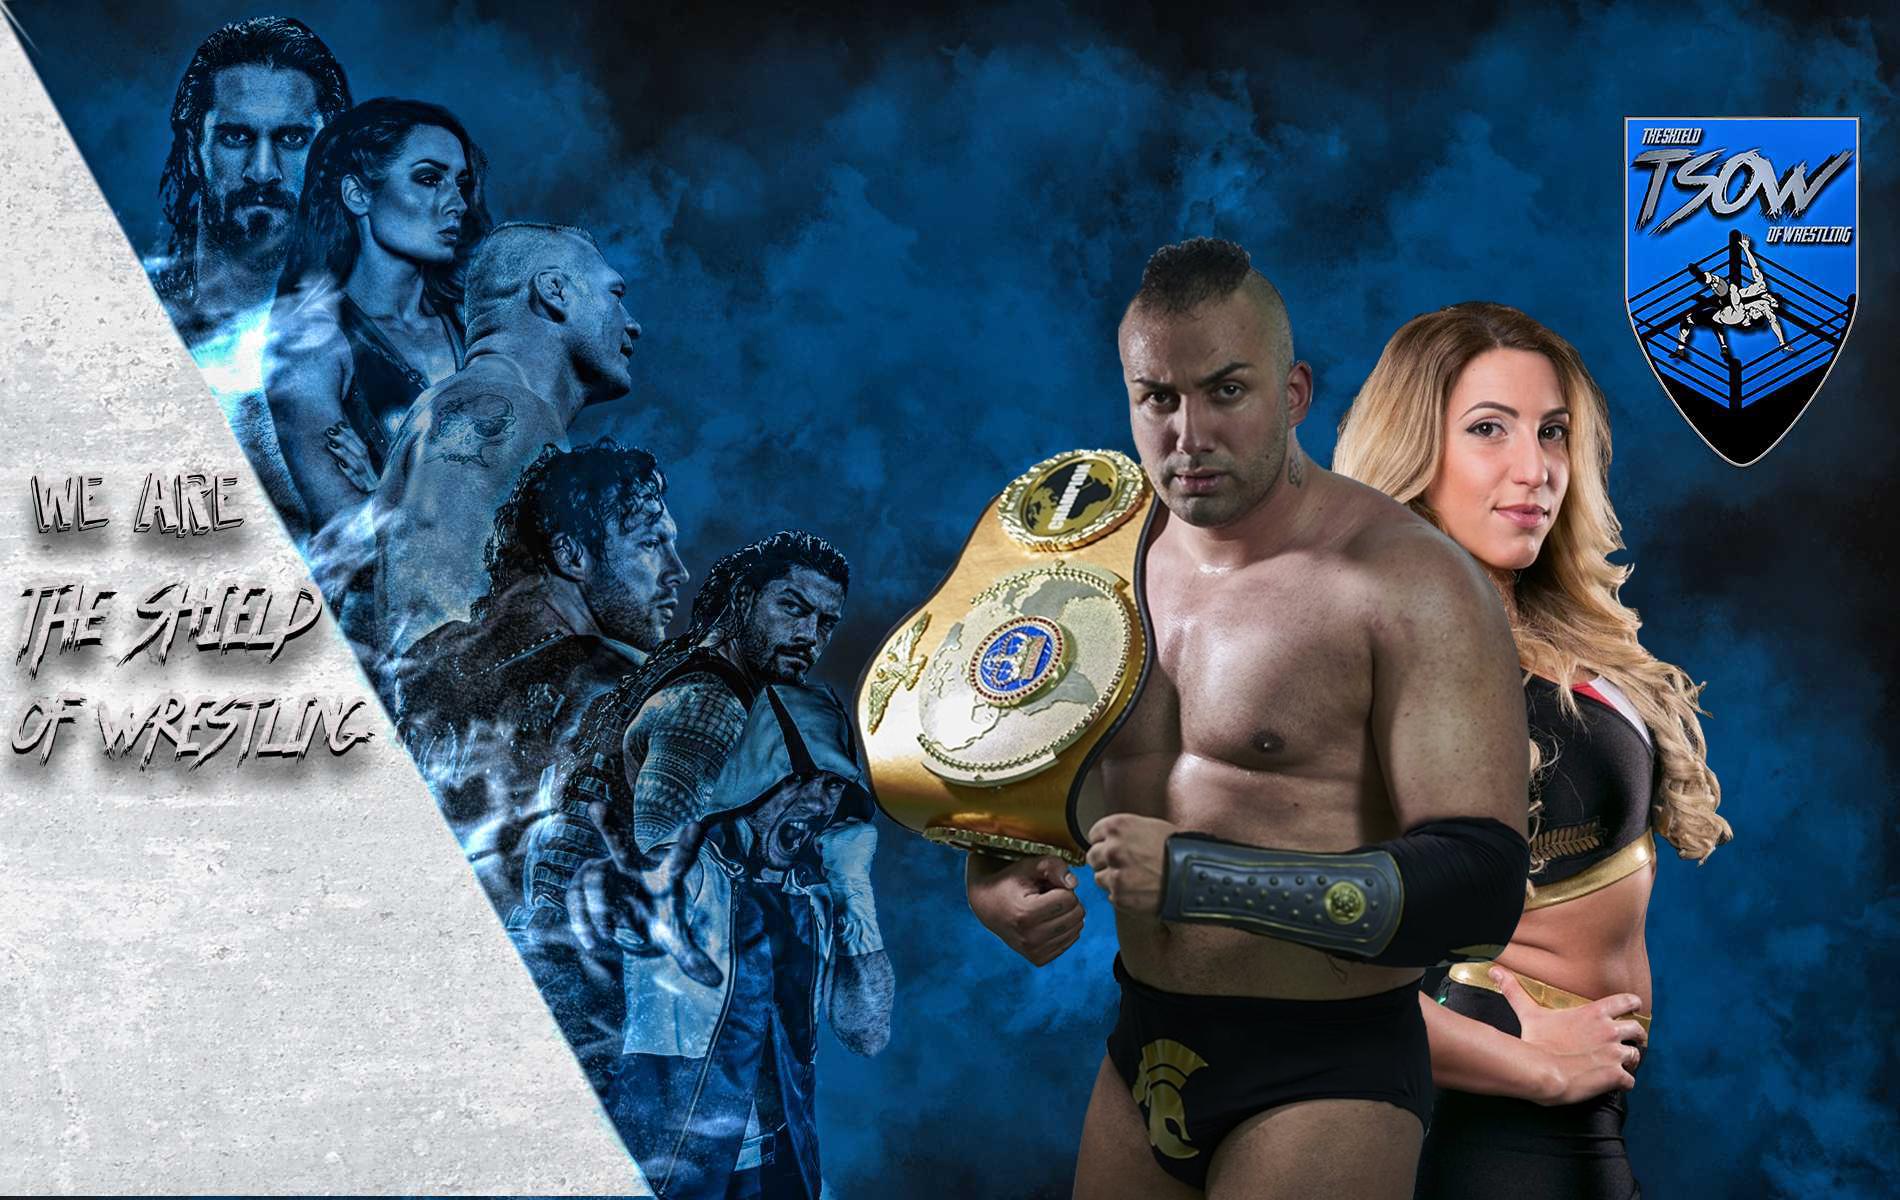 WrestleLove – L'Amore Combattuto: pubblicato il trailer del film - Karim Brigante e Miss Monica